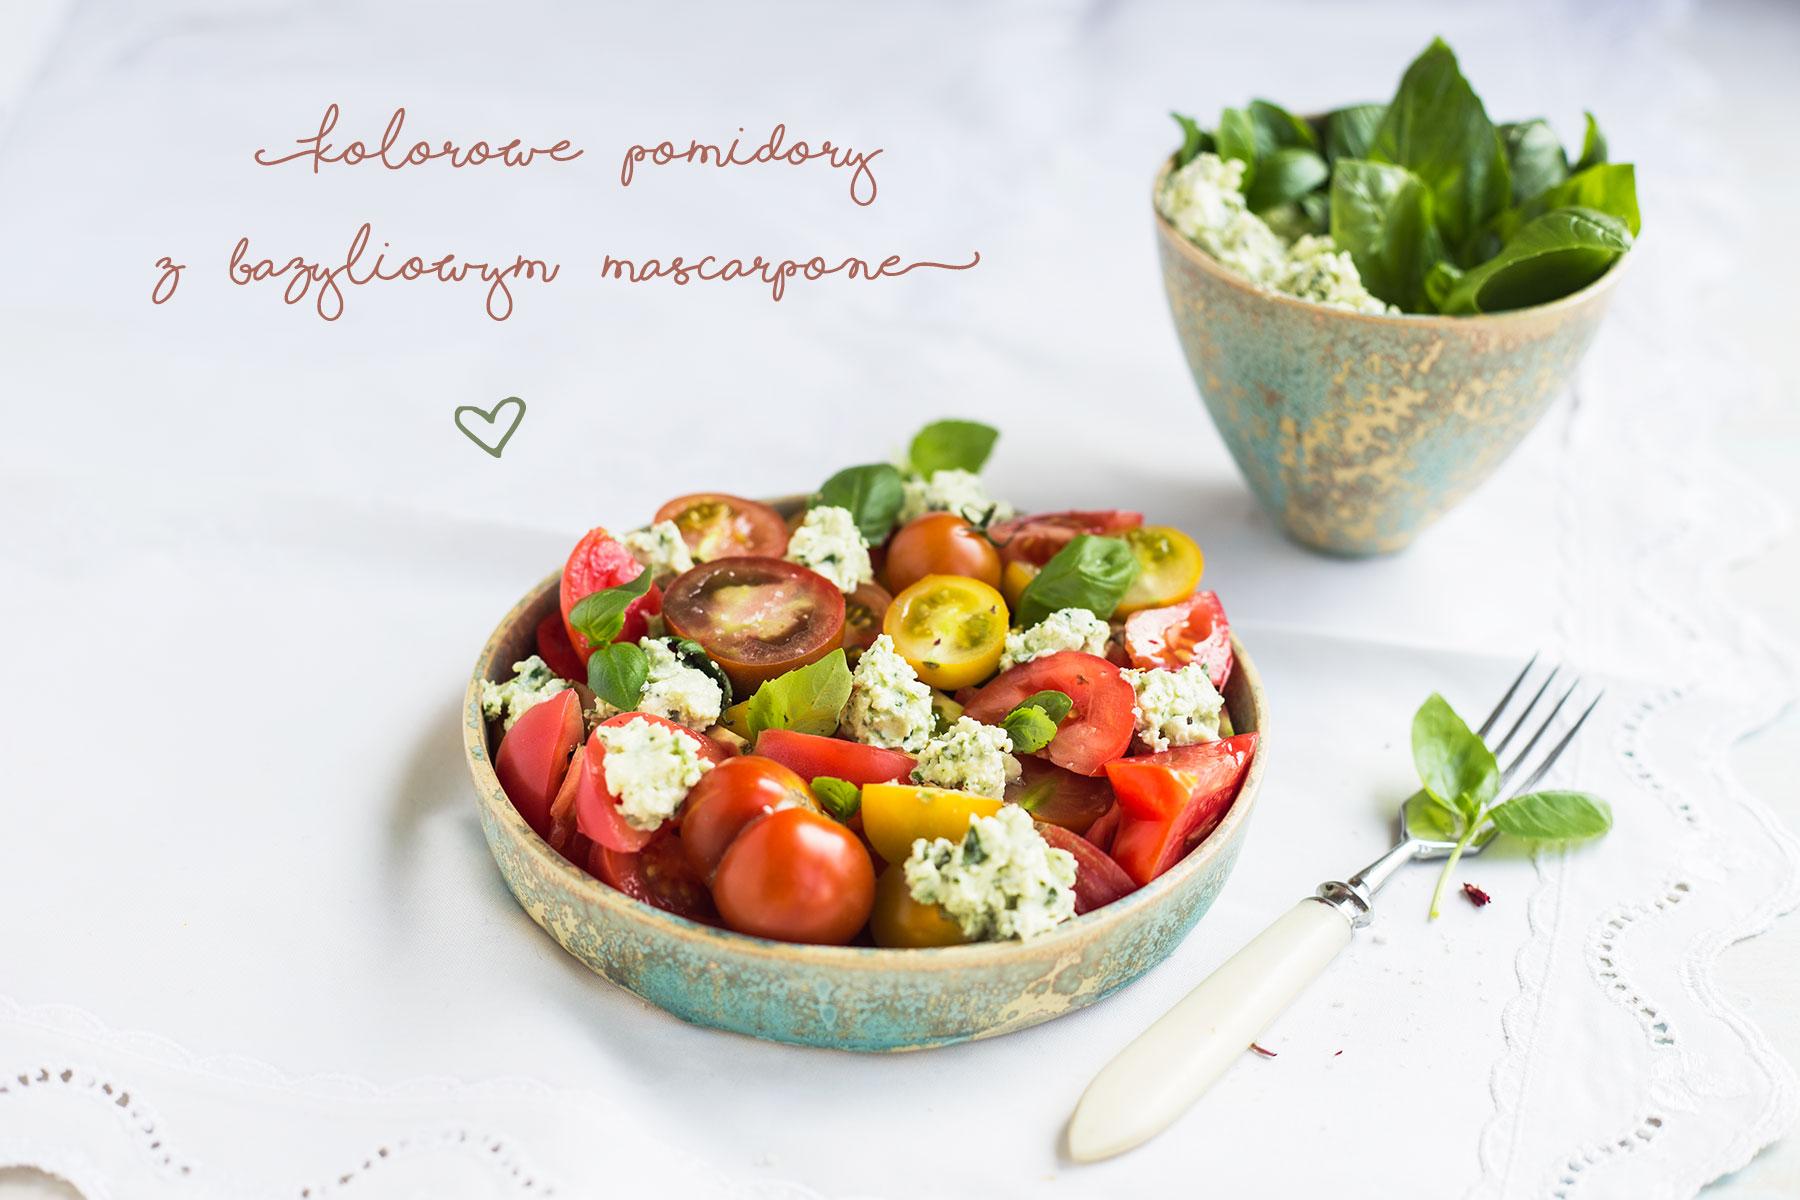 Kolorowe pomidory z bazyliowym mascarpone